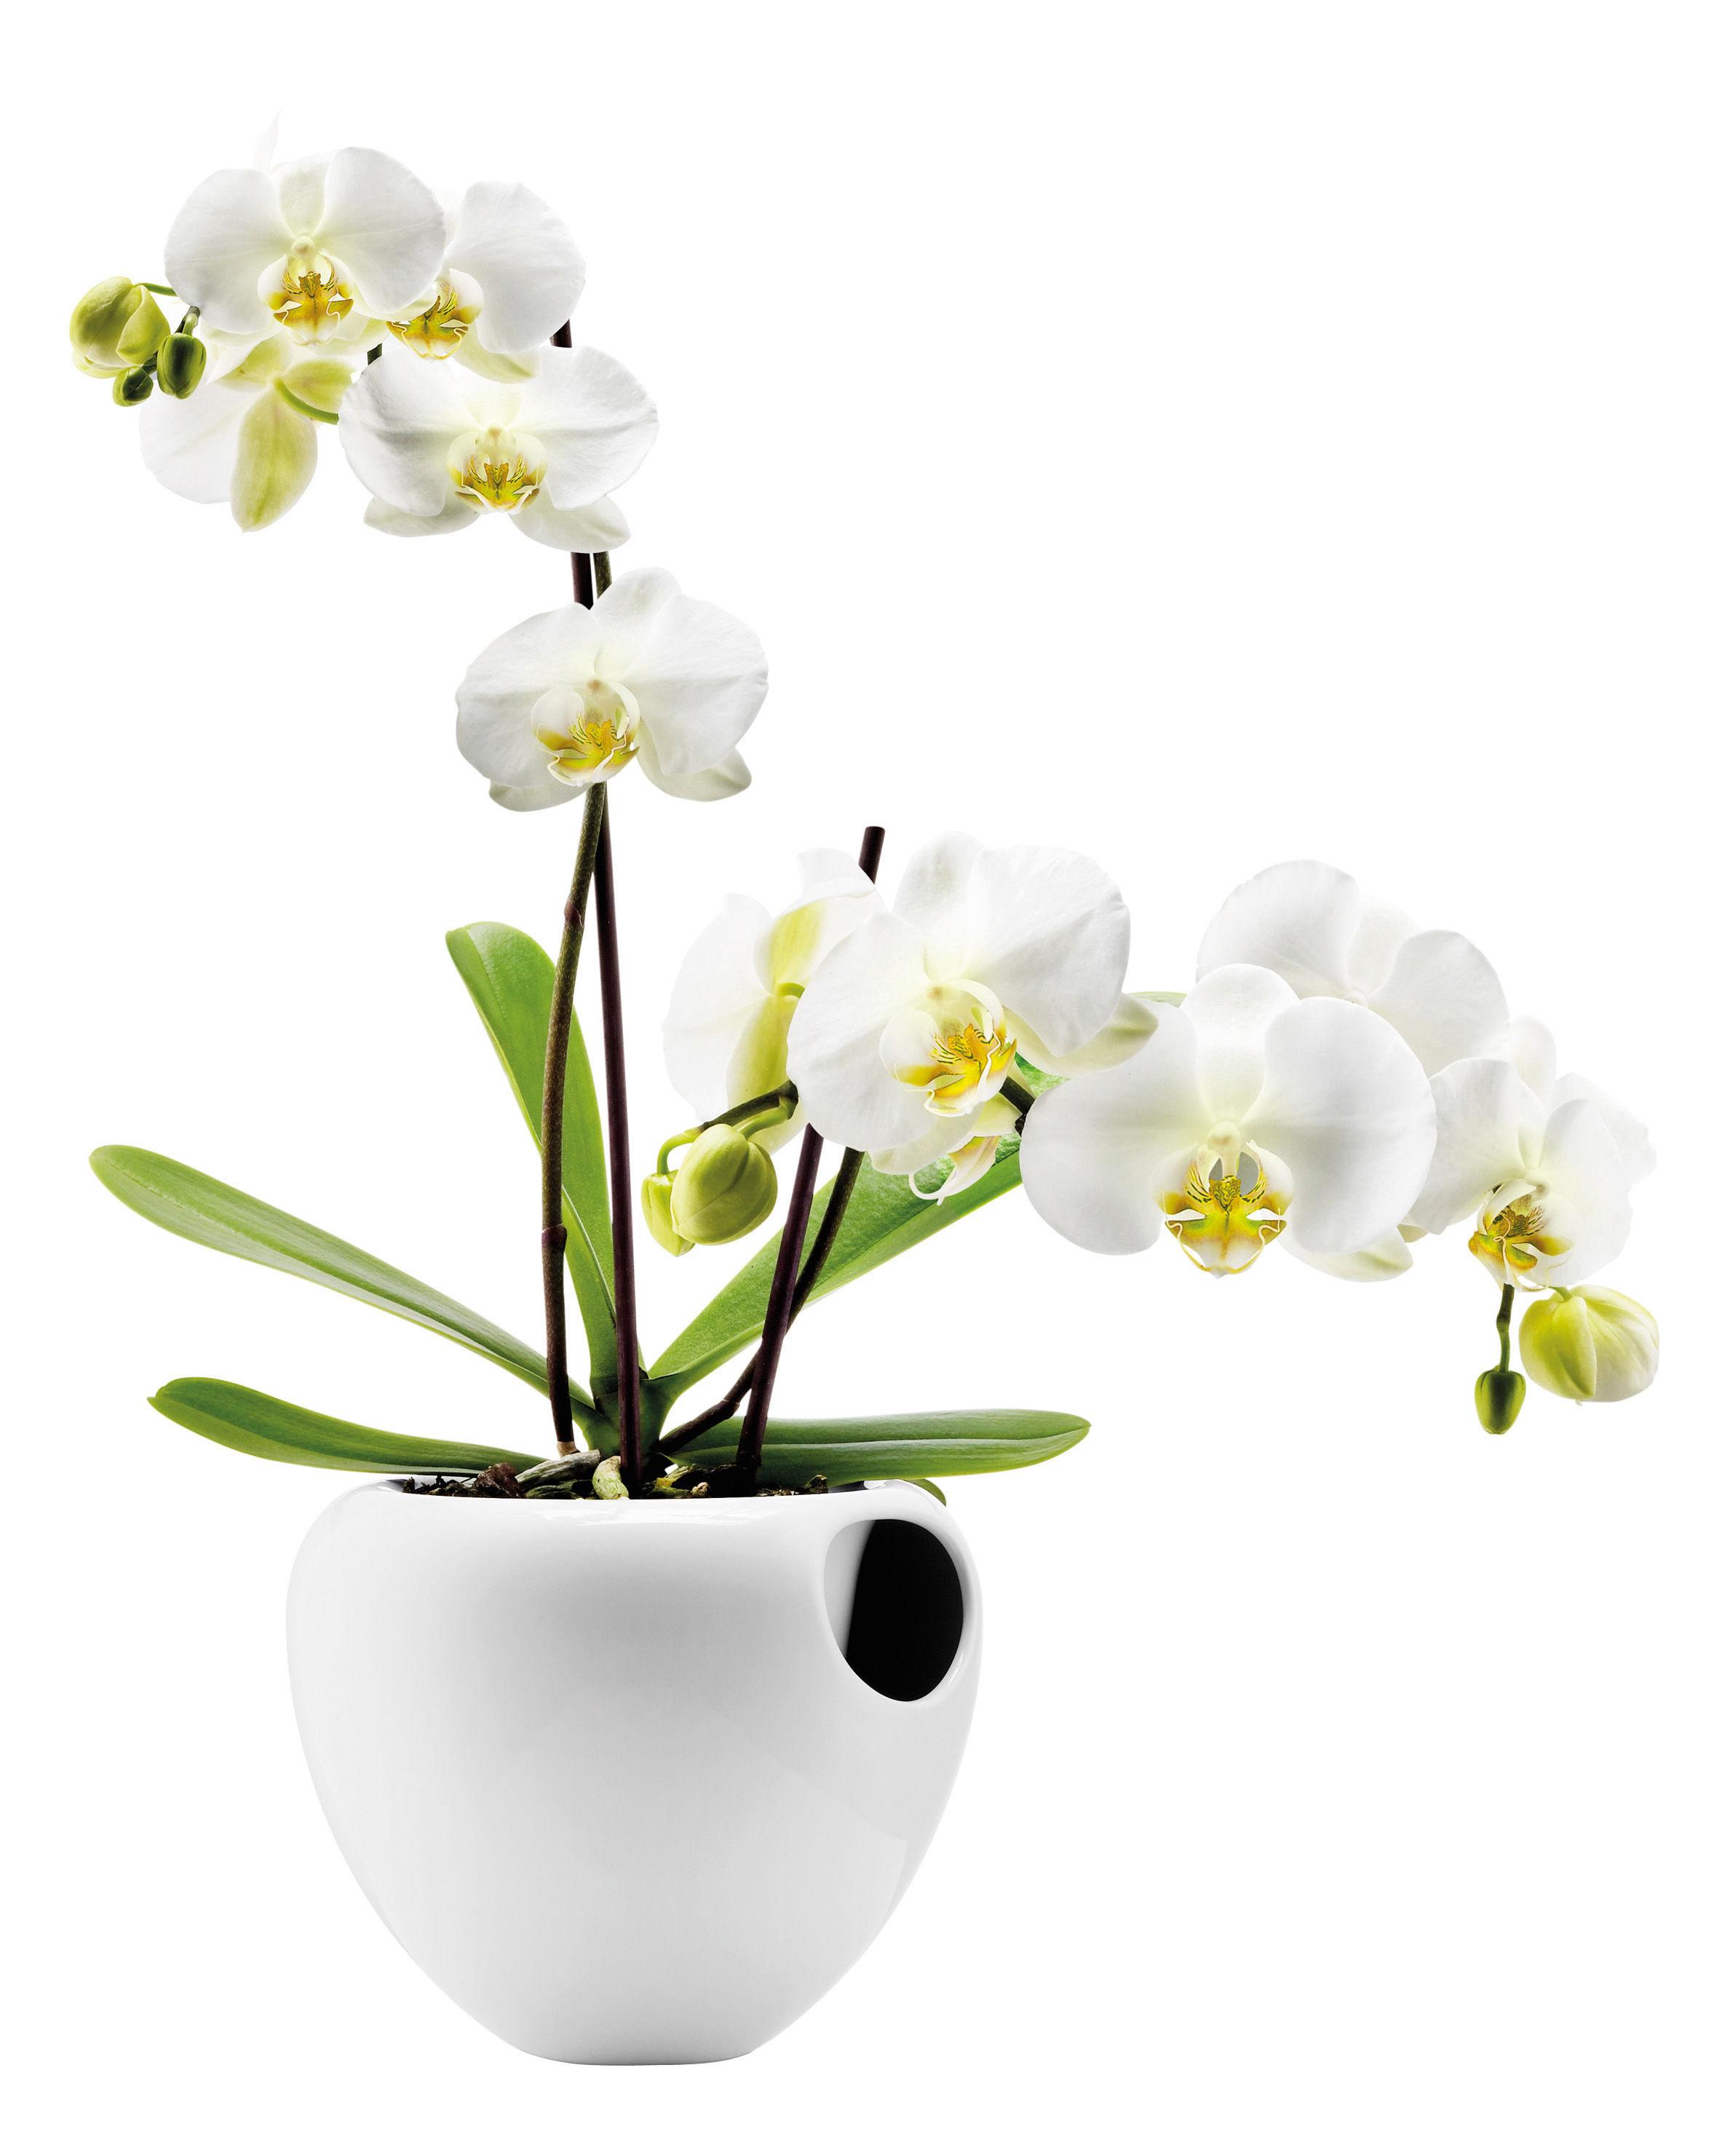 Pot de fleurs pour orchidée - avec réserve d'eau - eva solo